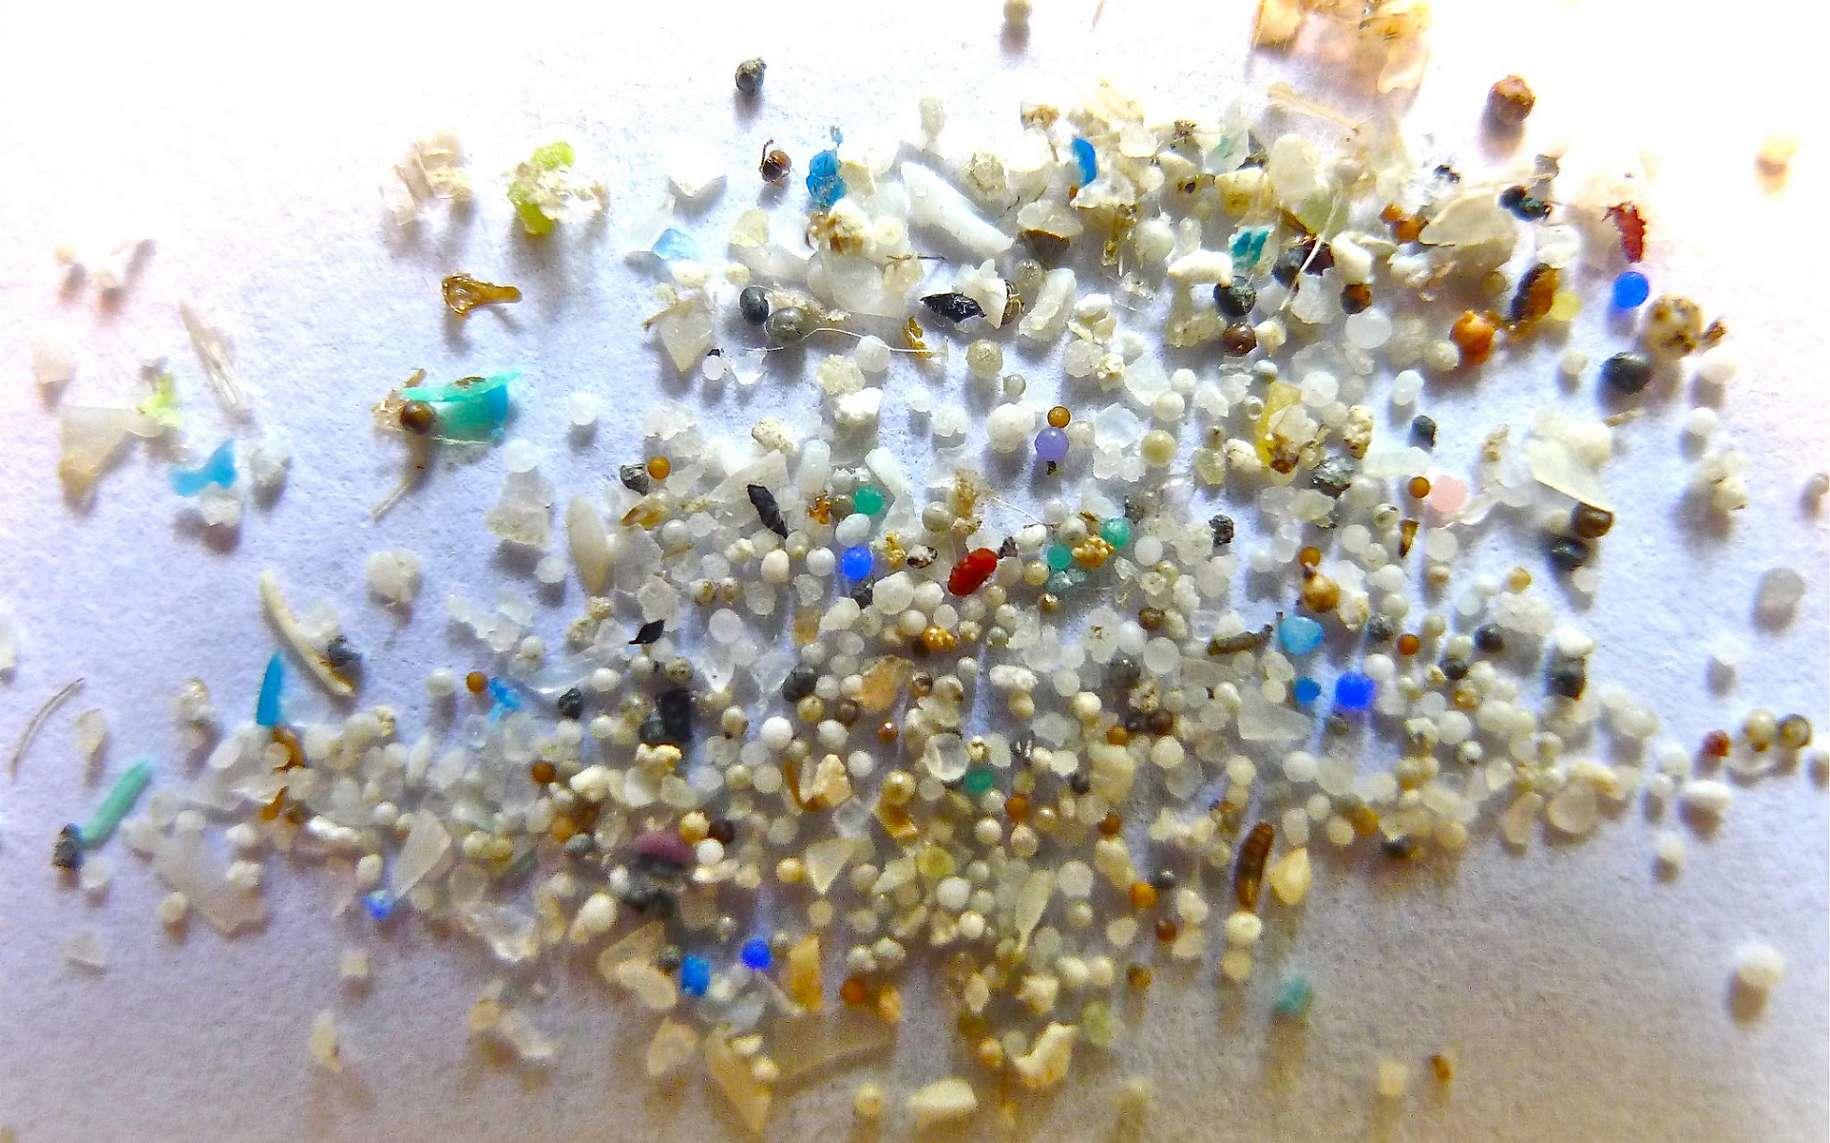 Les microsplastiques représentent un enjeu environnemental majeur. © Oregon State University, Flickr, CC BY-SA 2.0